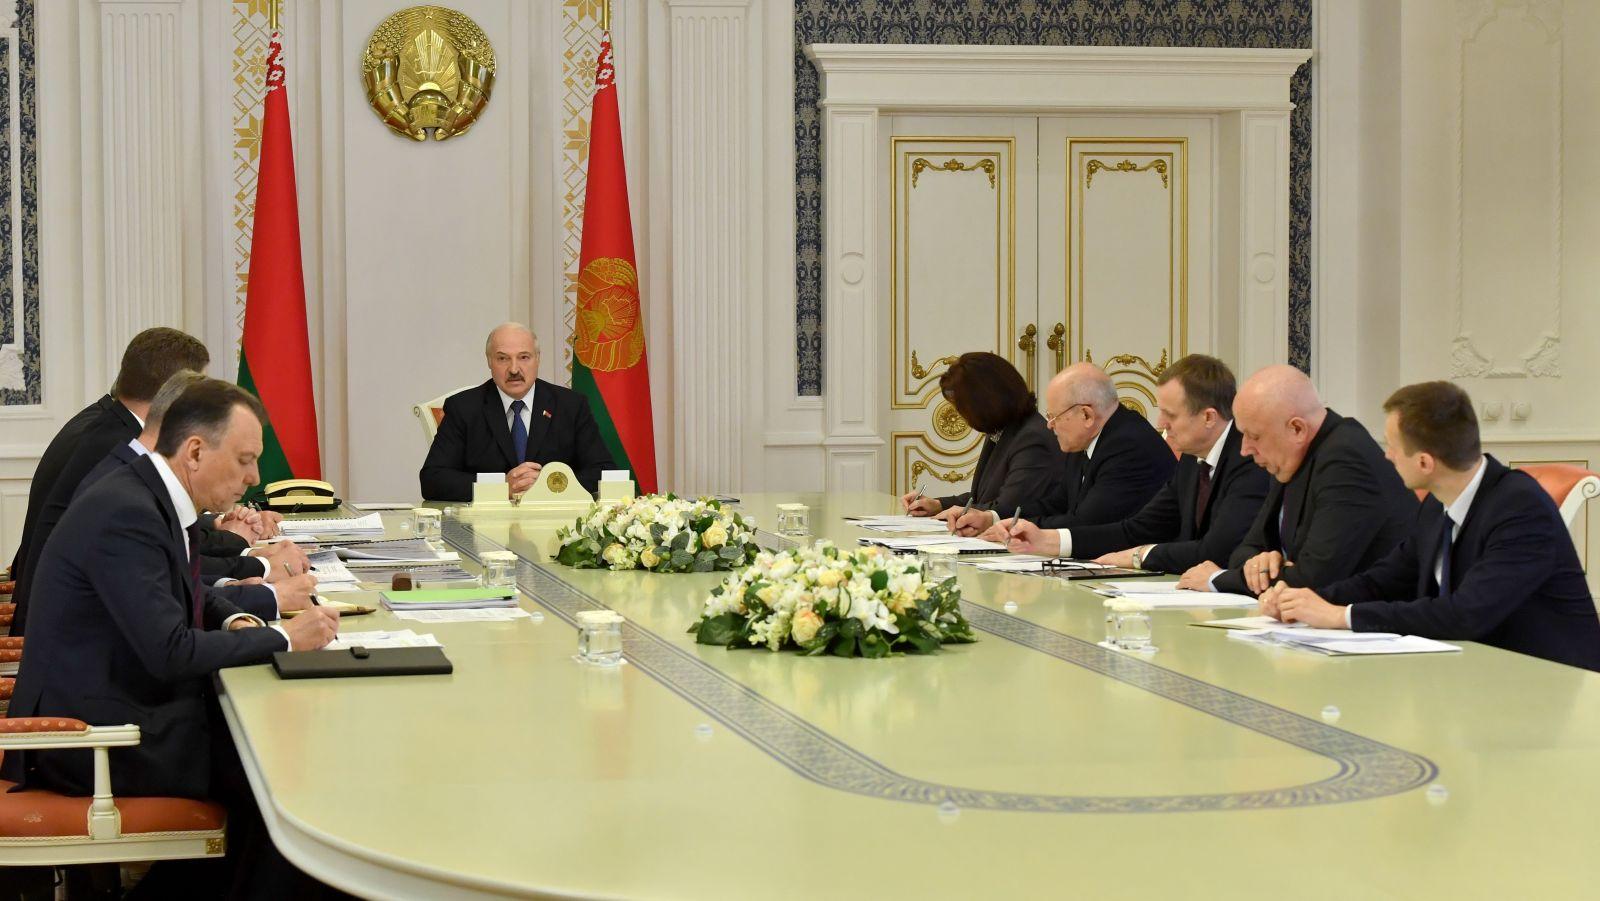 226882,01 Лукашенко поручил к 2021 году построить в Беларуси Национальный выставочный центр